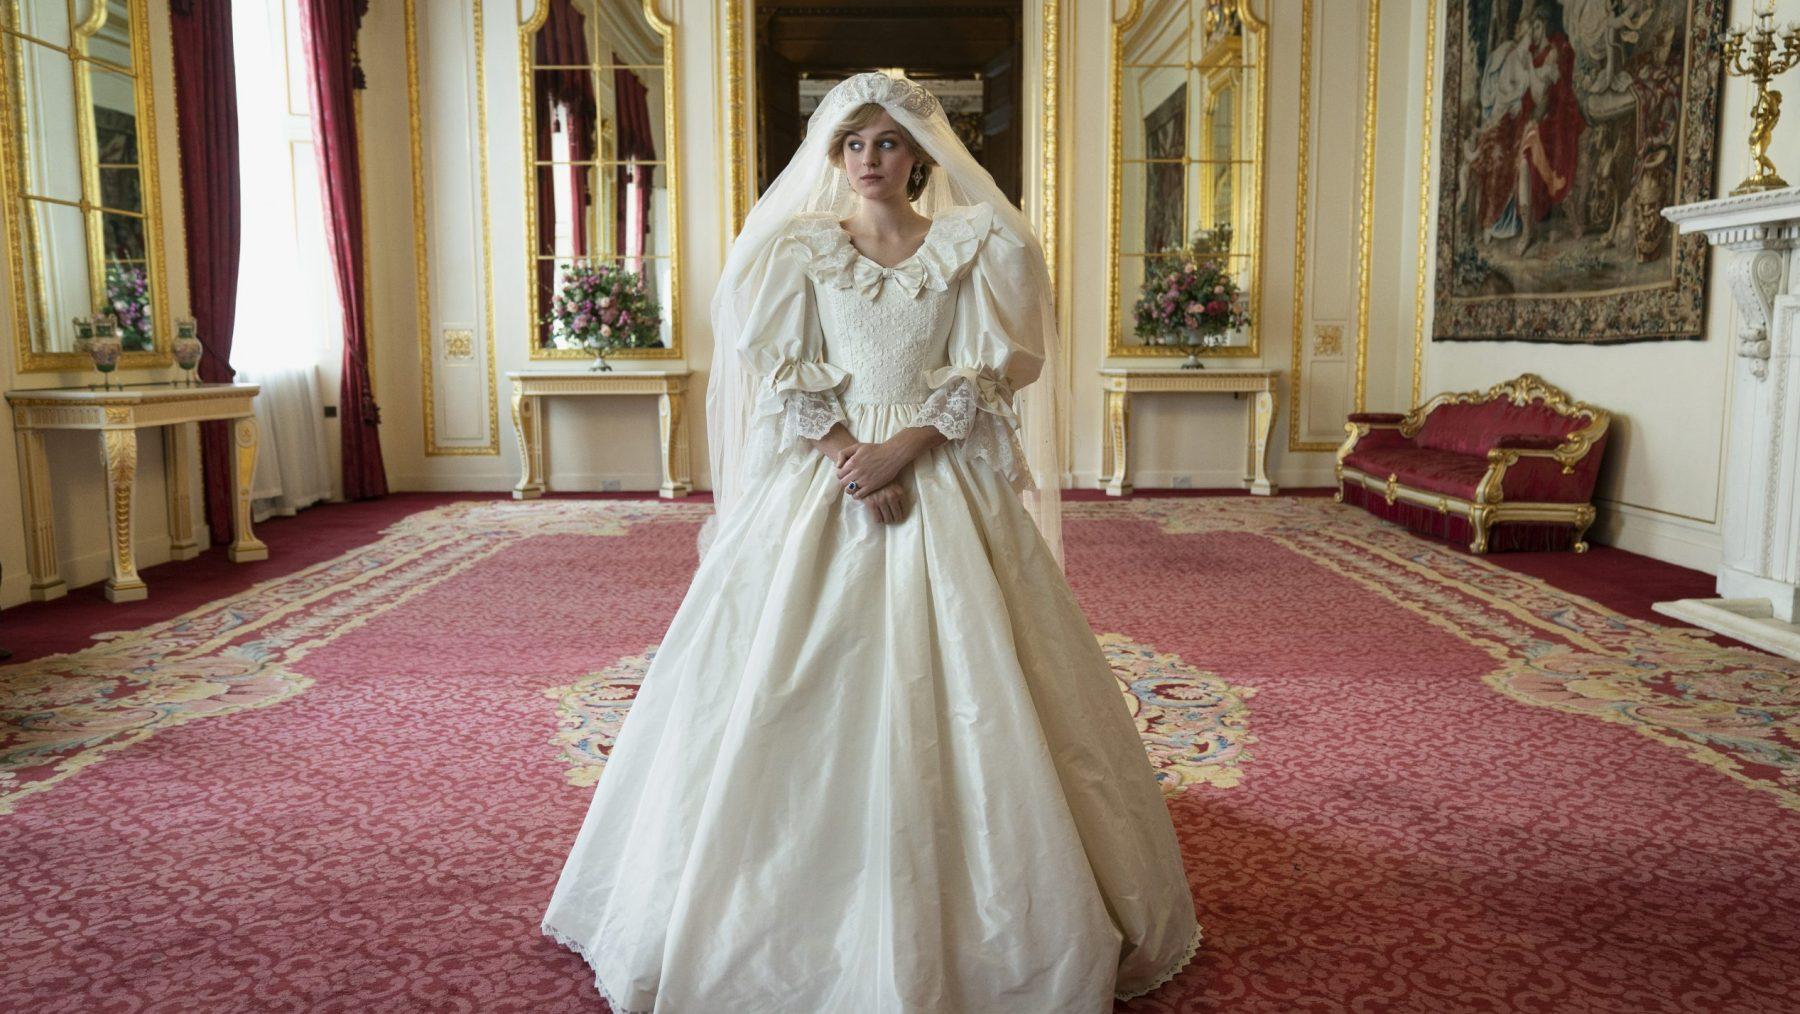 Minister wil dat Netflix waarschuwt dat The Crown fictief is